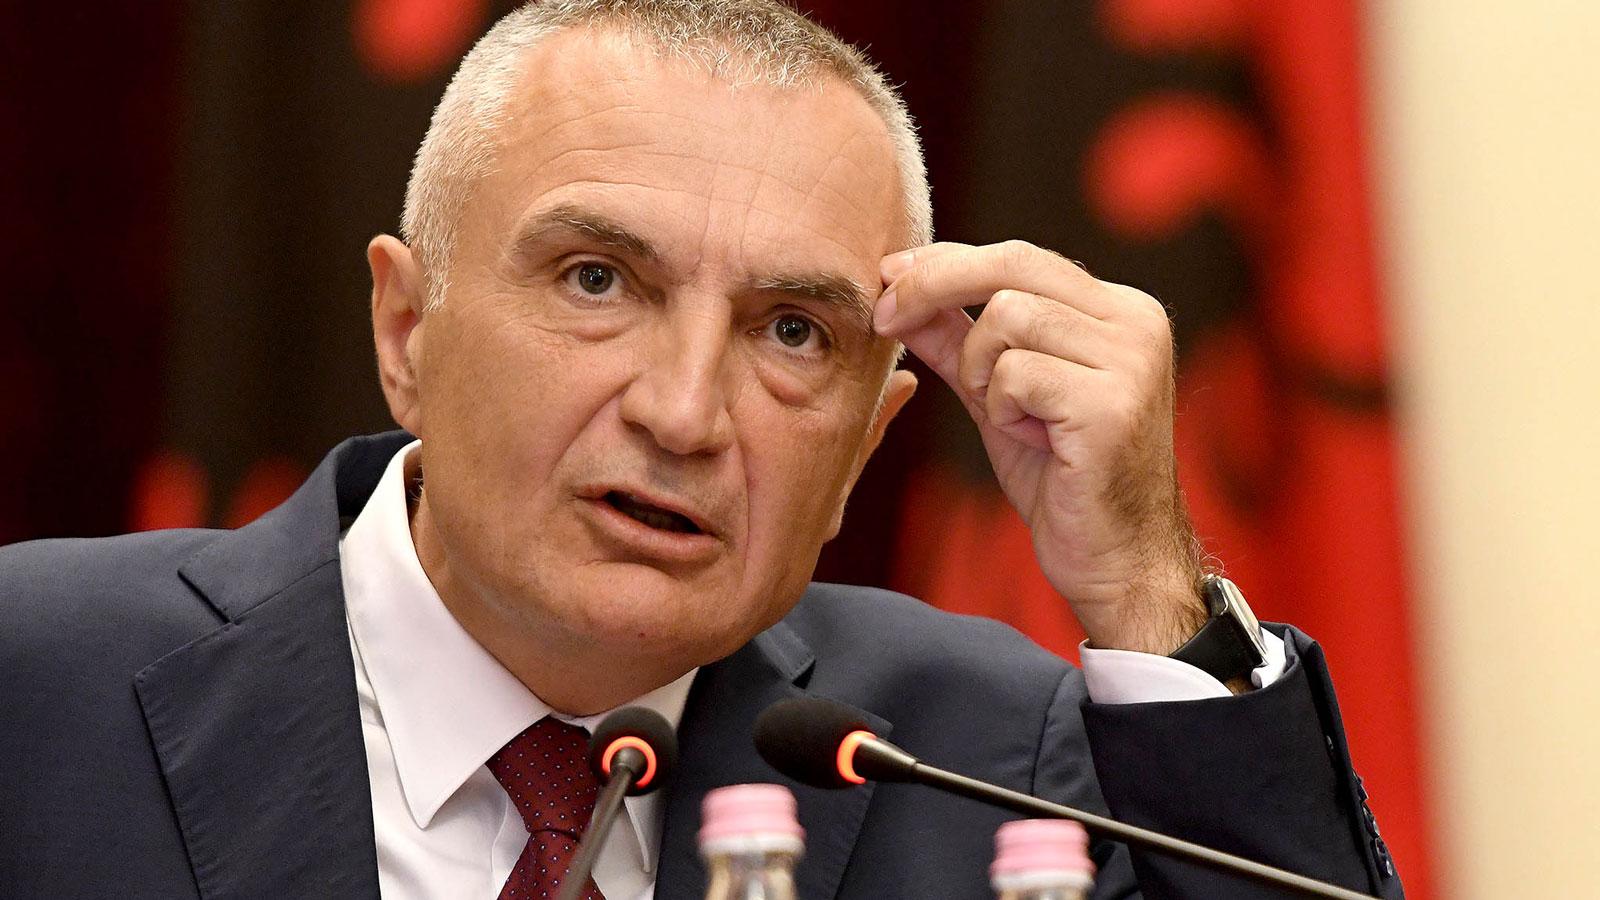 Αλβανία: Καθοριστική θεωρεί τη μάχη για το Συνταγματικό Δικαστήριο, ο Meta